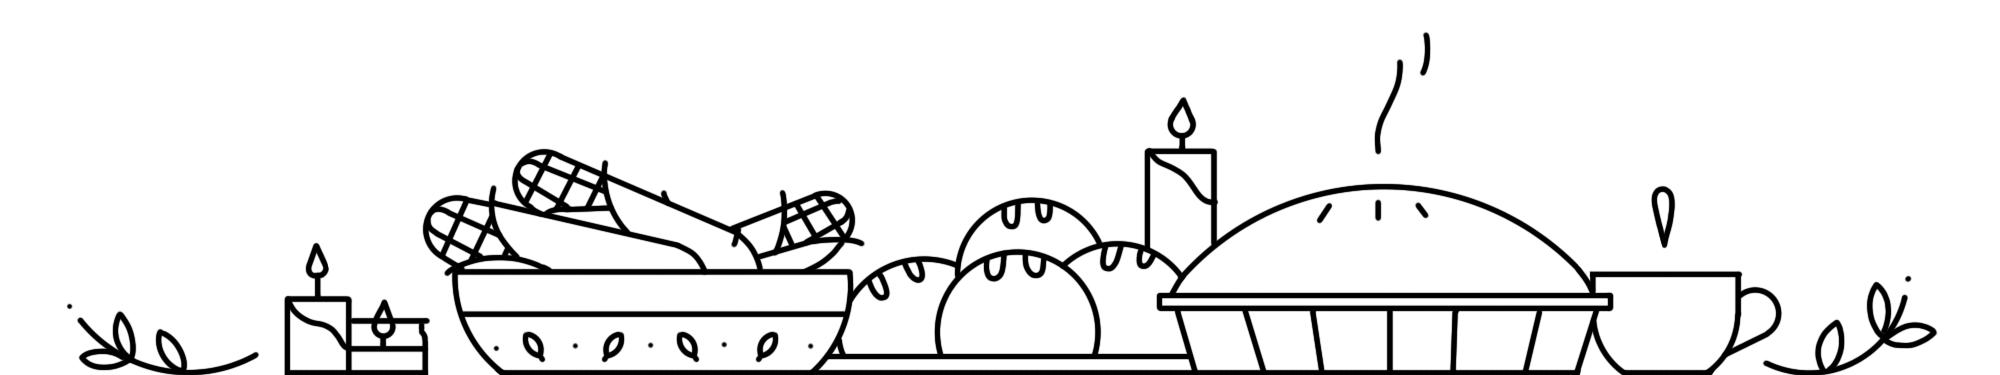 Sketches__megan_v02_b.png